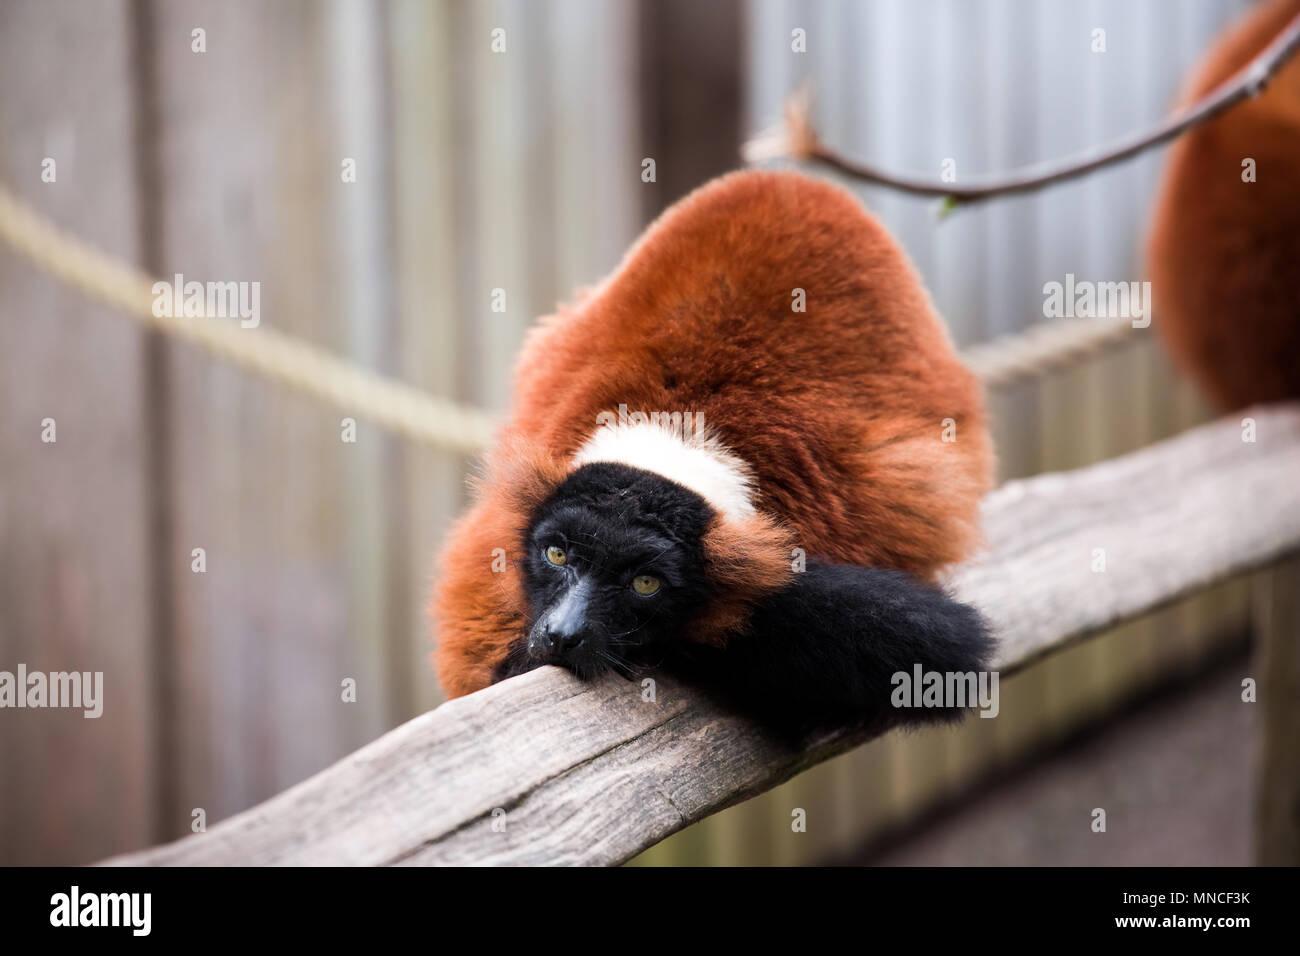 Roter Vari tierische Nähe zu sehen. Stockbild